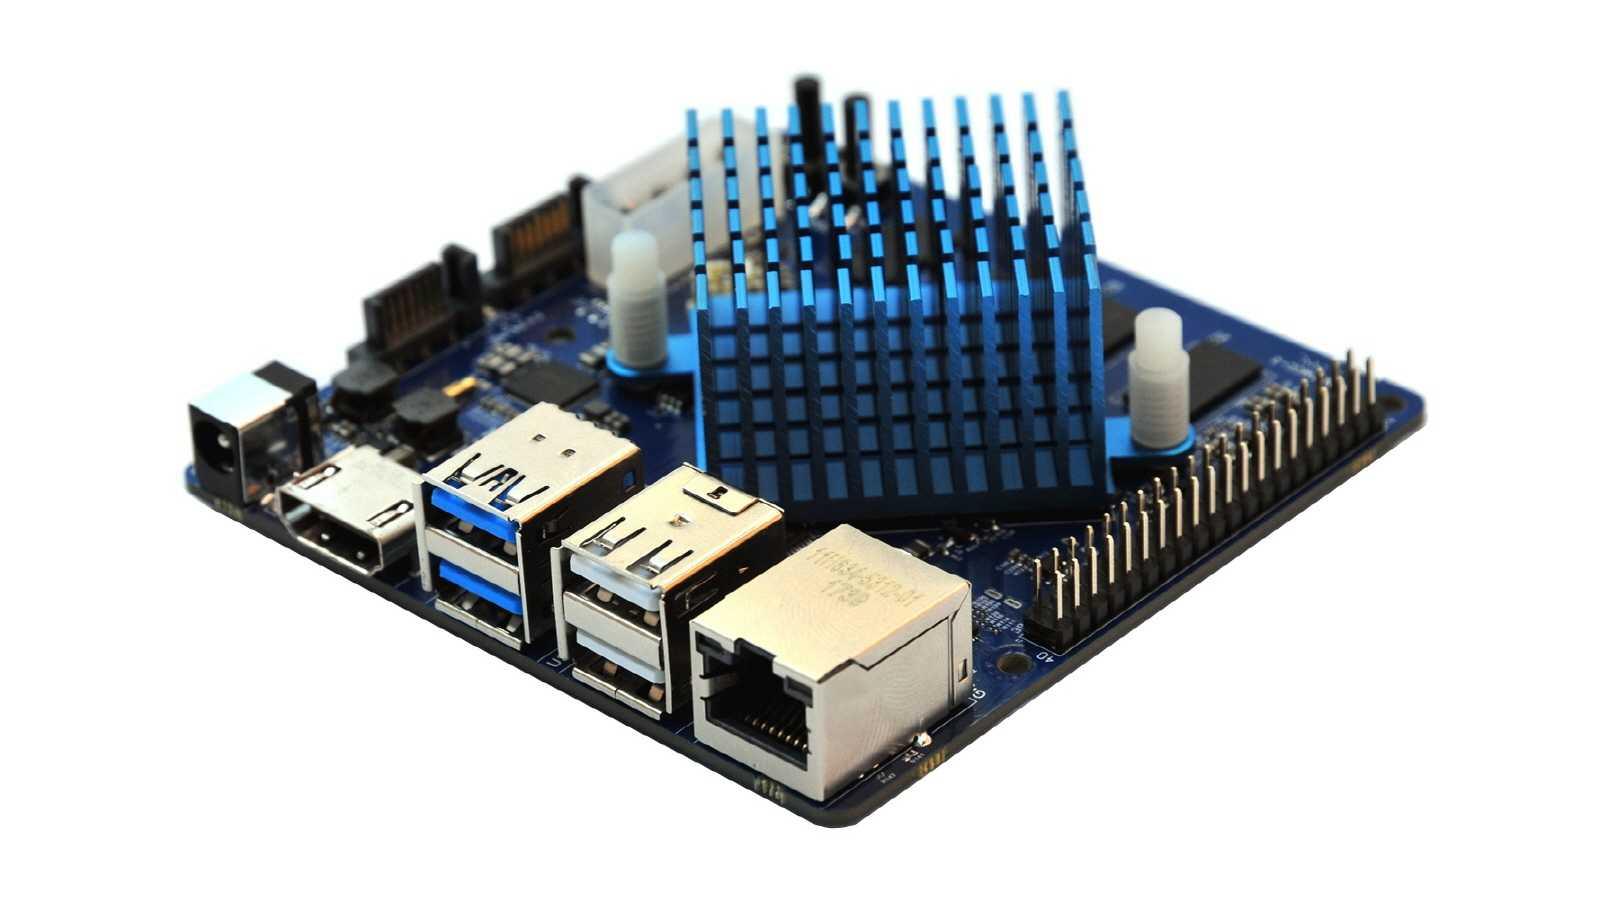 Ein quadratischer Einplatinenrechner mit blauem Passivkühler aufmontiert